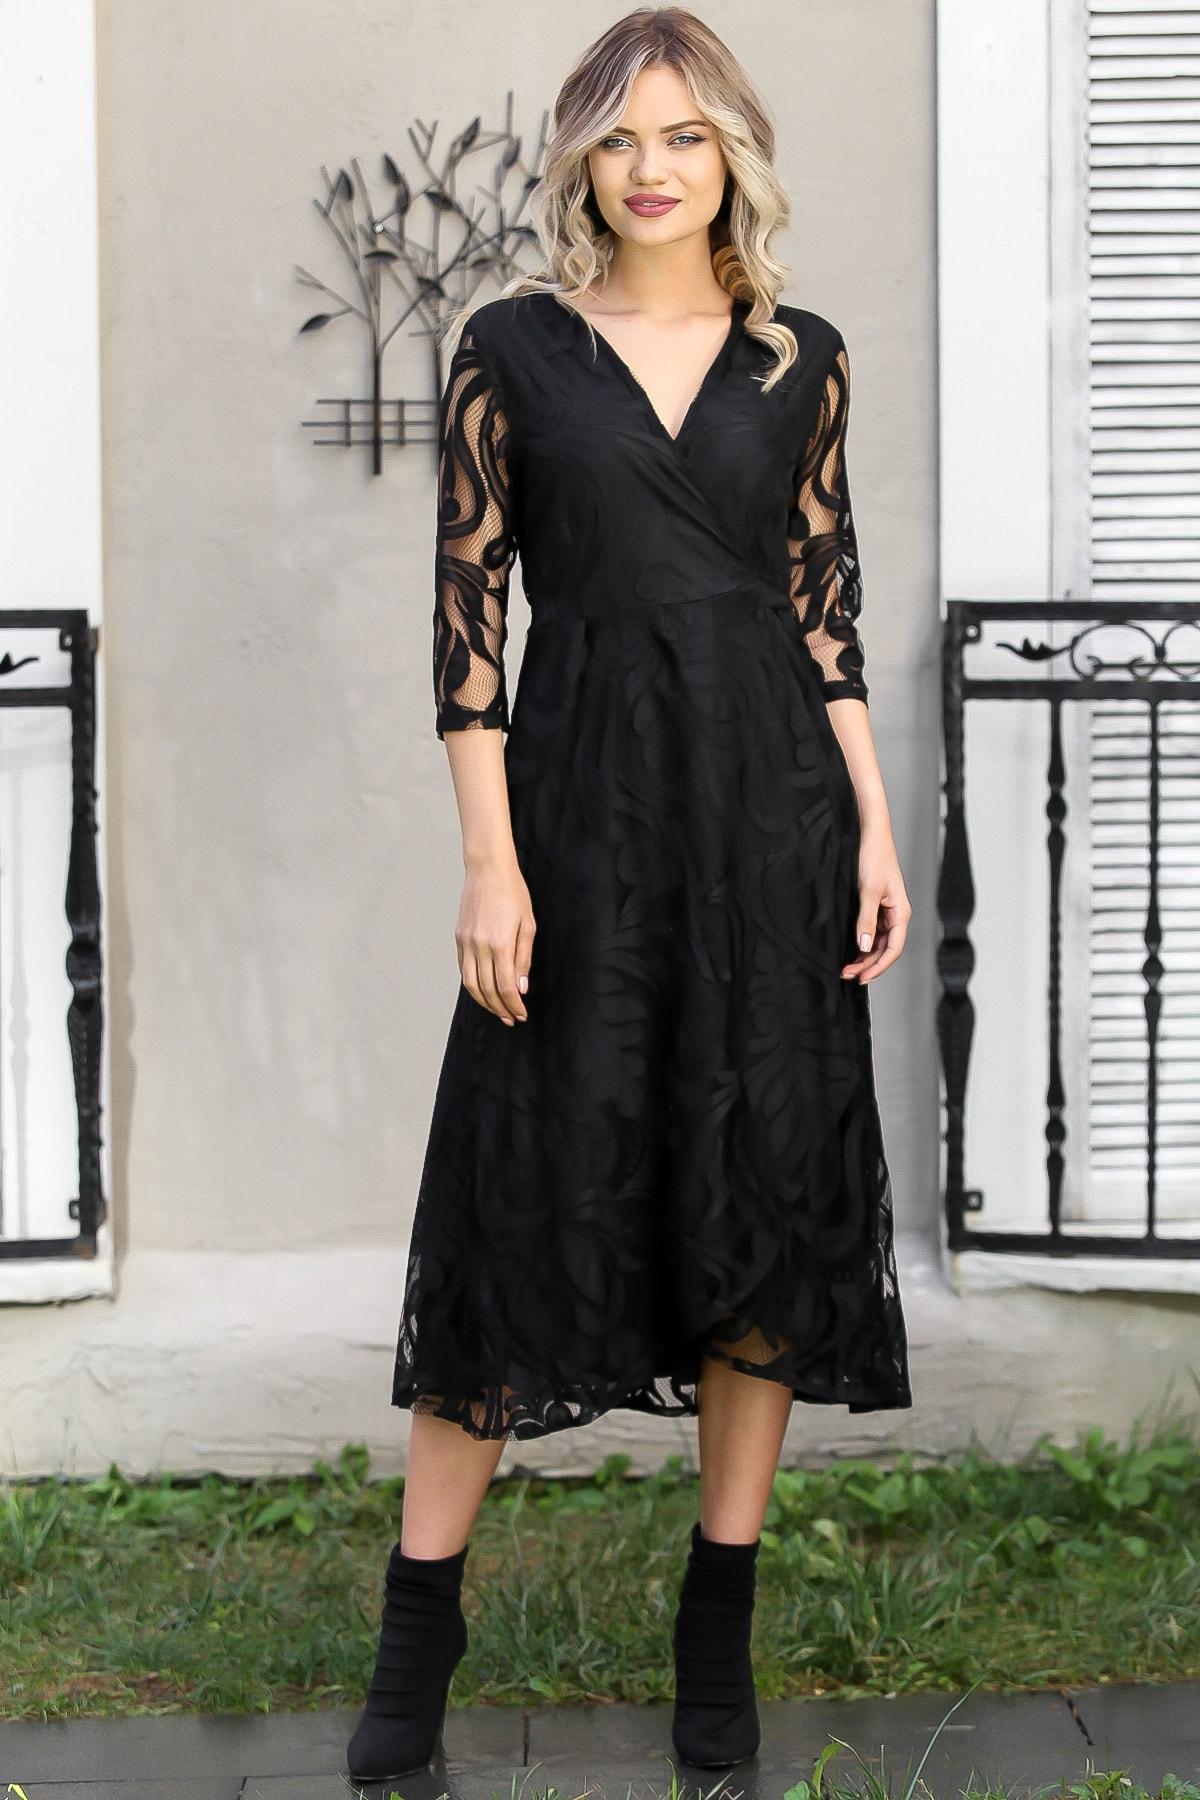 Chiccy Kadın Siyah Dantel Yaprak Desenli Kruvaze Astarlı Elbise M10160000EL96030 0